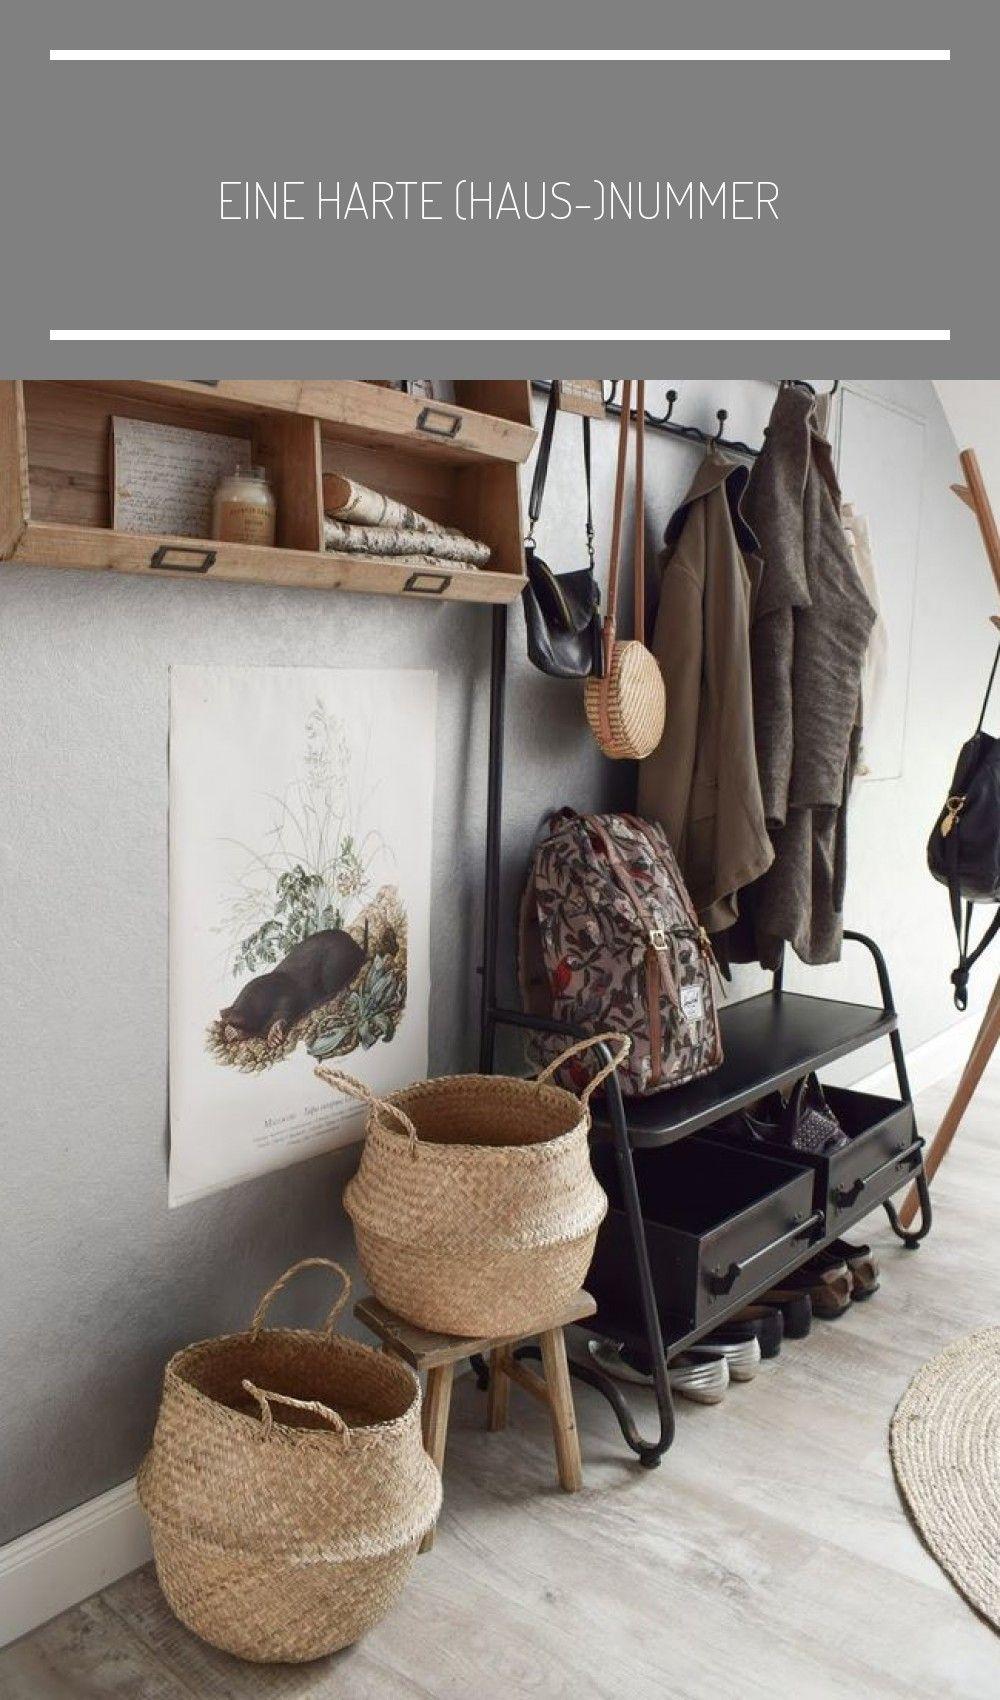 Garderobe Ideen Fur Flur Einrichtung Dekoidee Aufbewahren